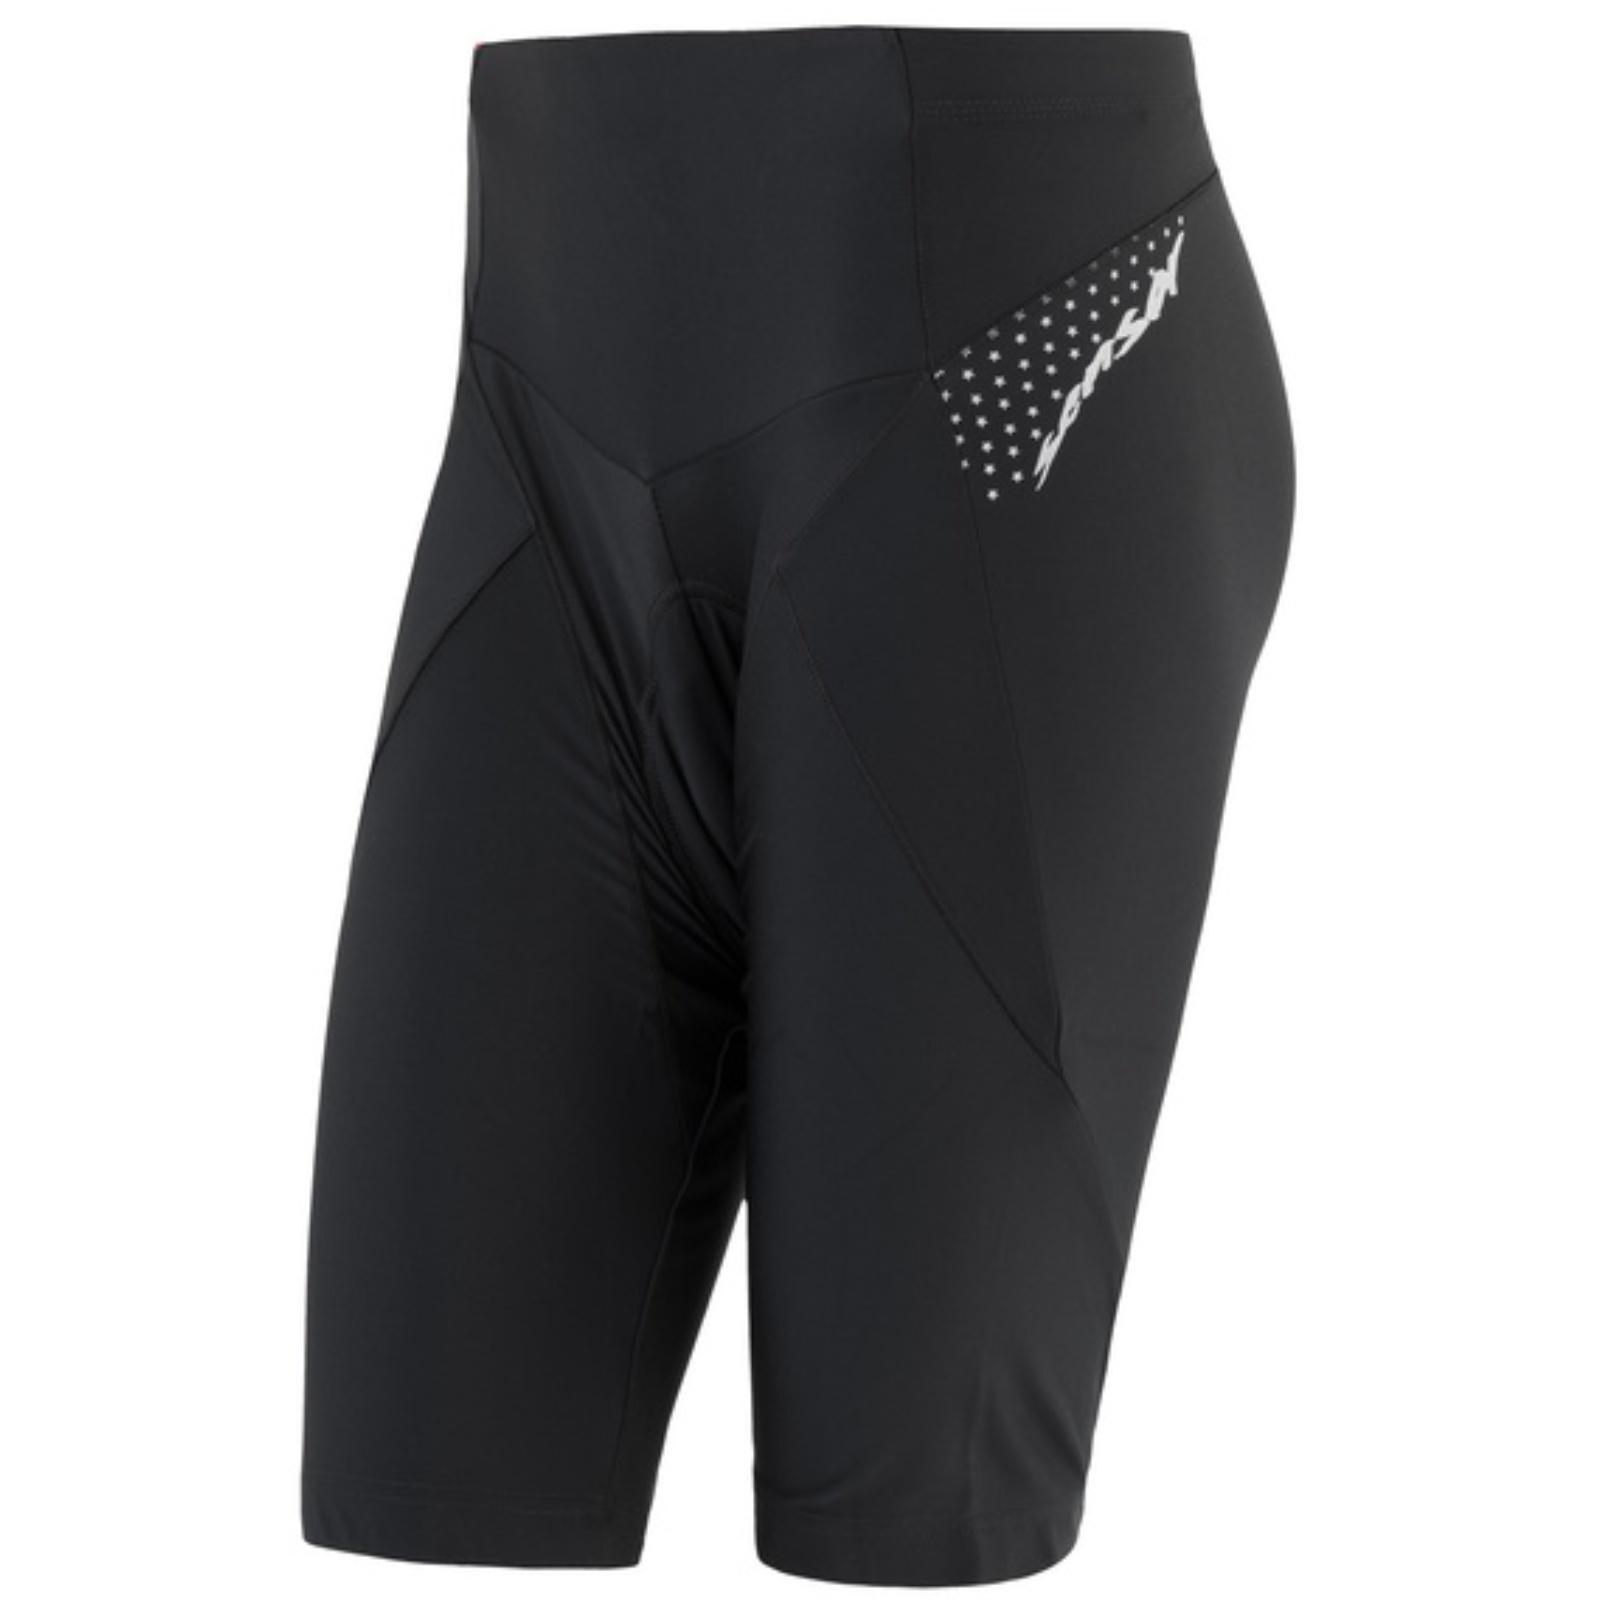 Kalhoty cyklo SENSOR Race nad kolena dámské